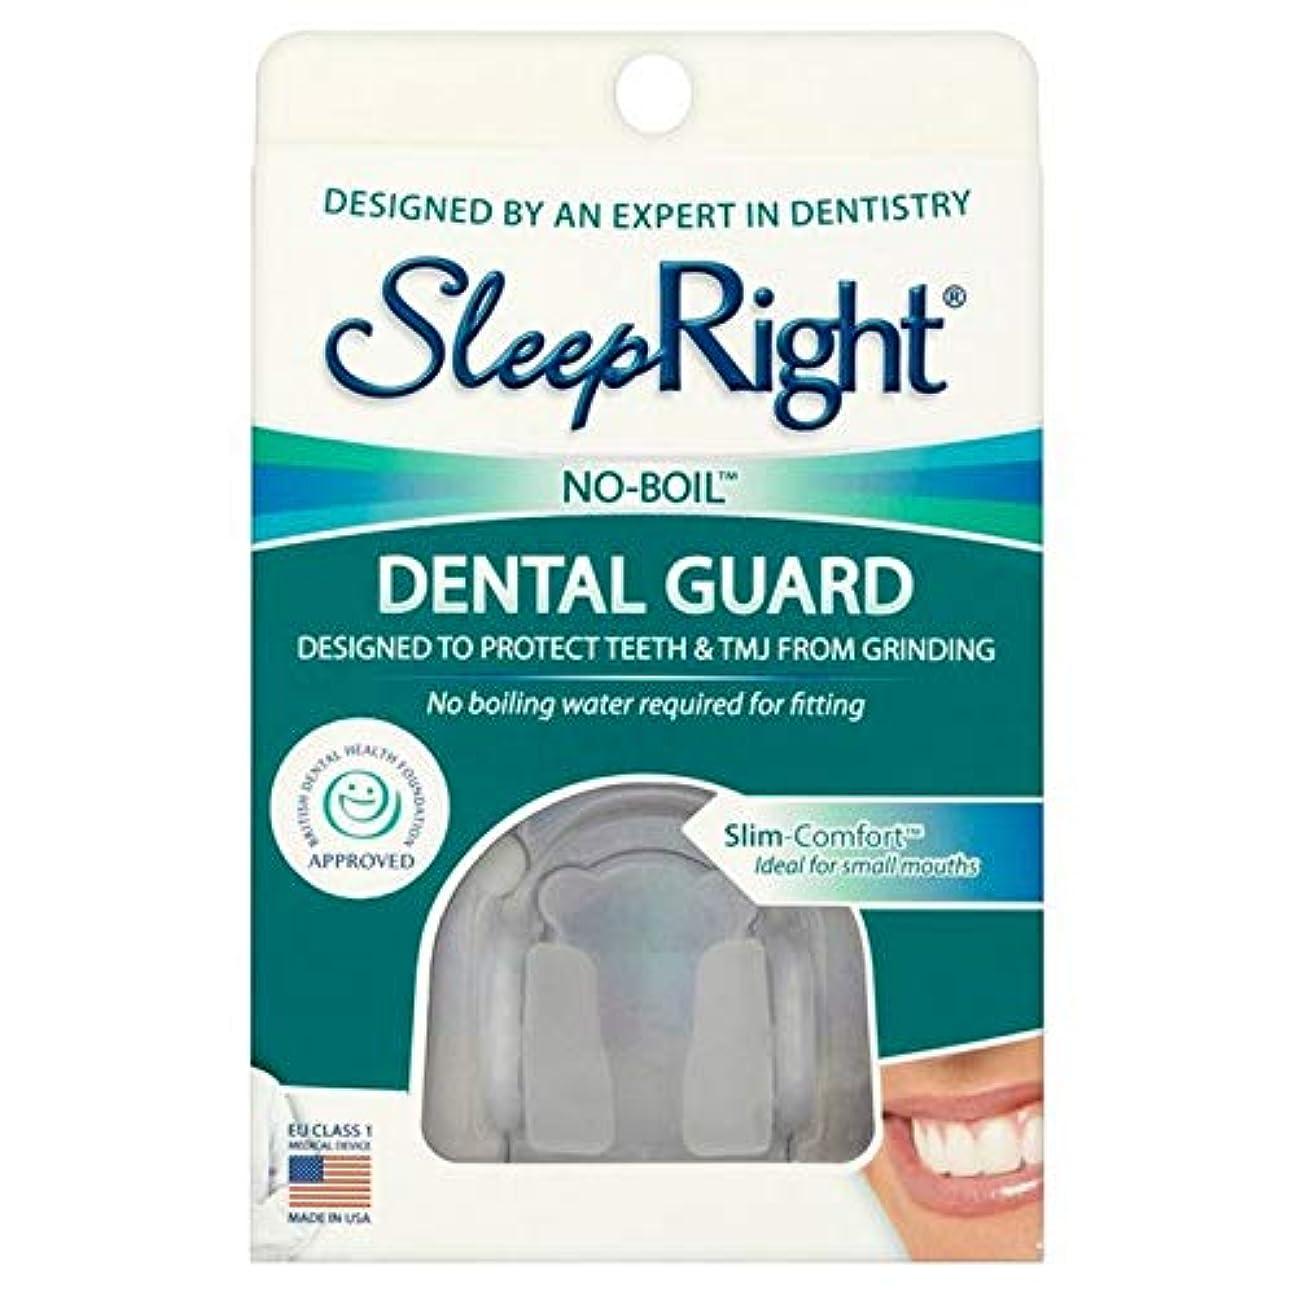 契約した承認するキャプテン[SleepRight] Sleeprightスリム快適歯科用ガード - SleepRight Slim-Comfort Dental Guard [並行輸入品]